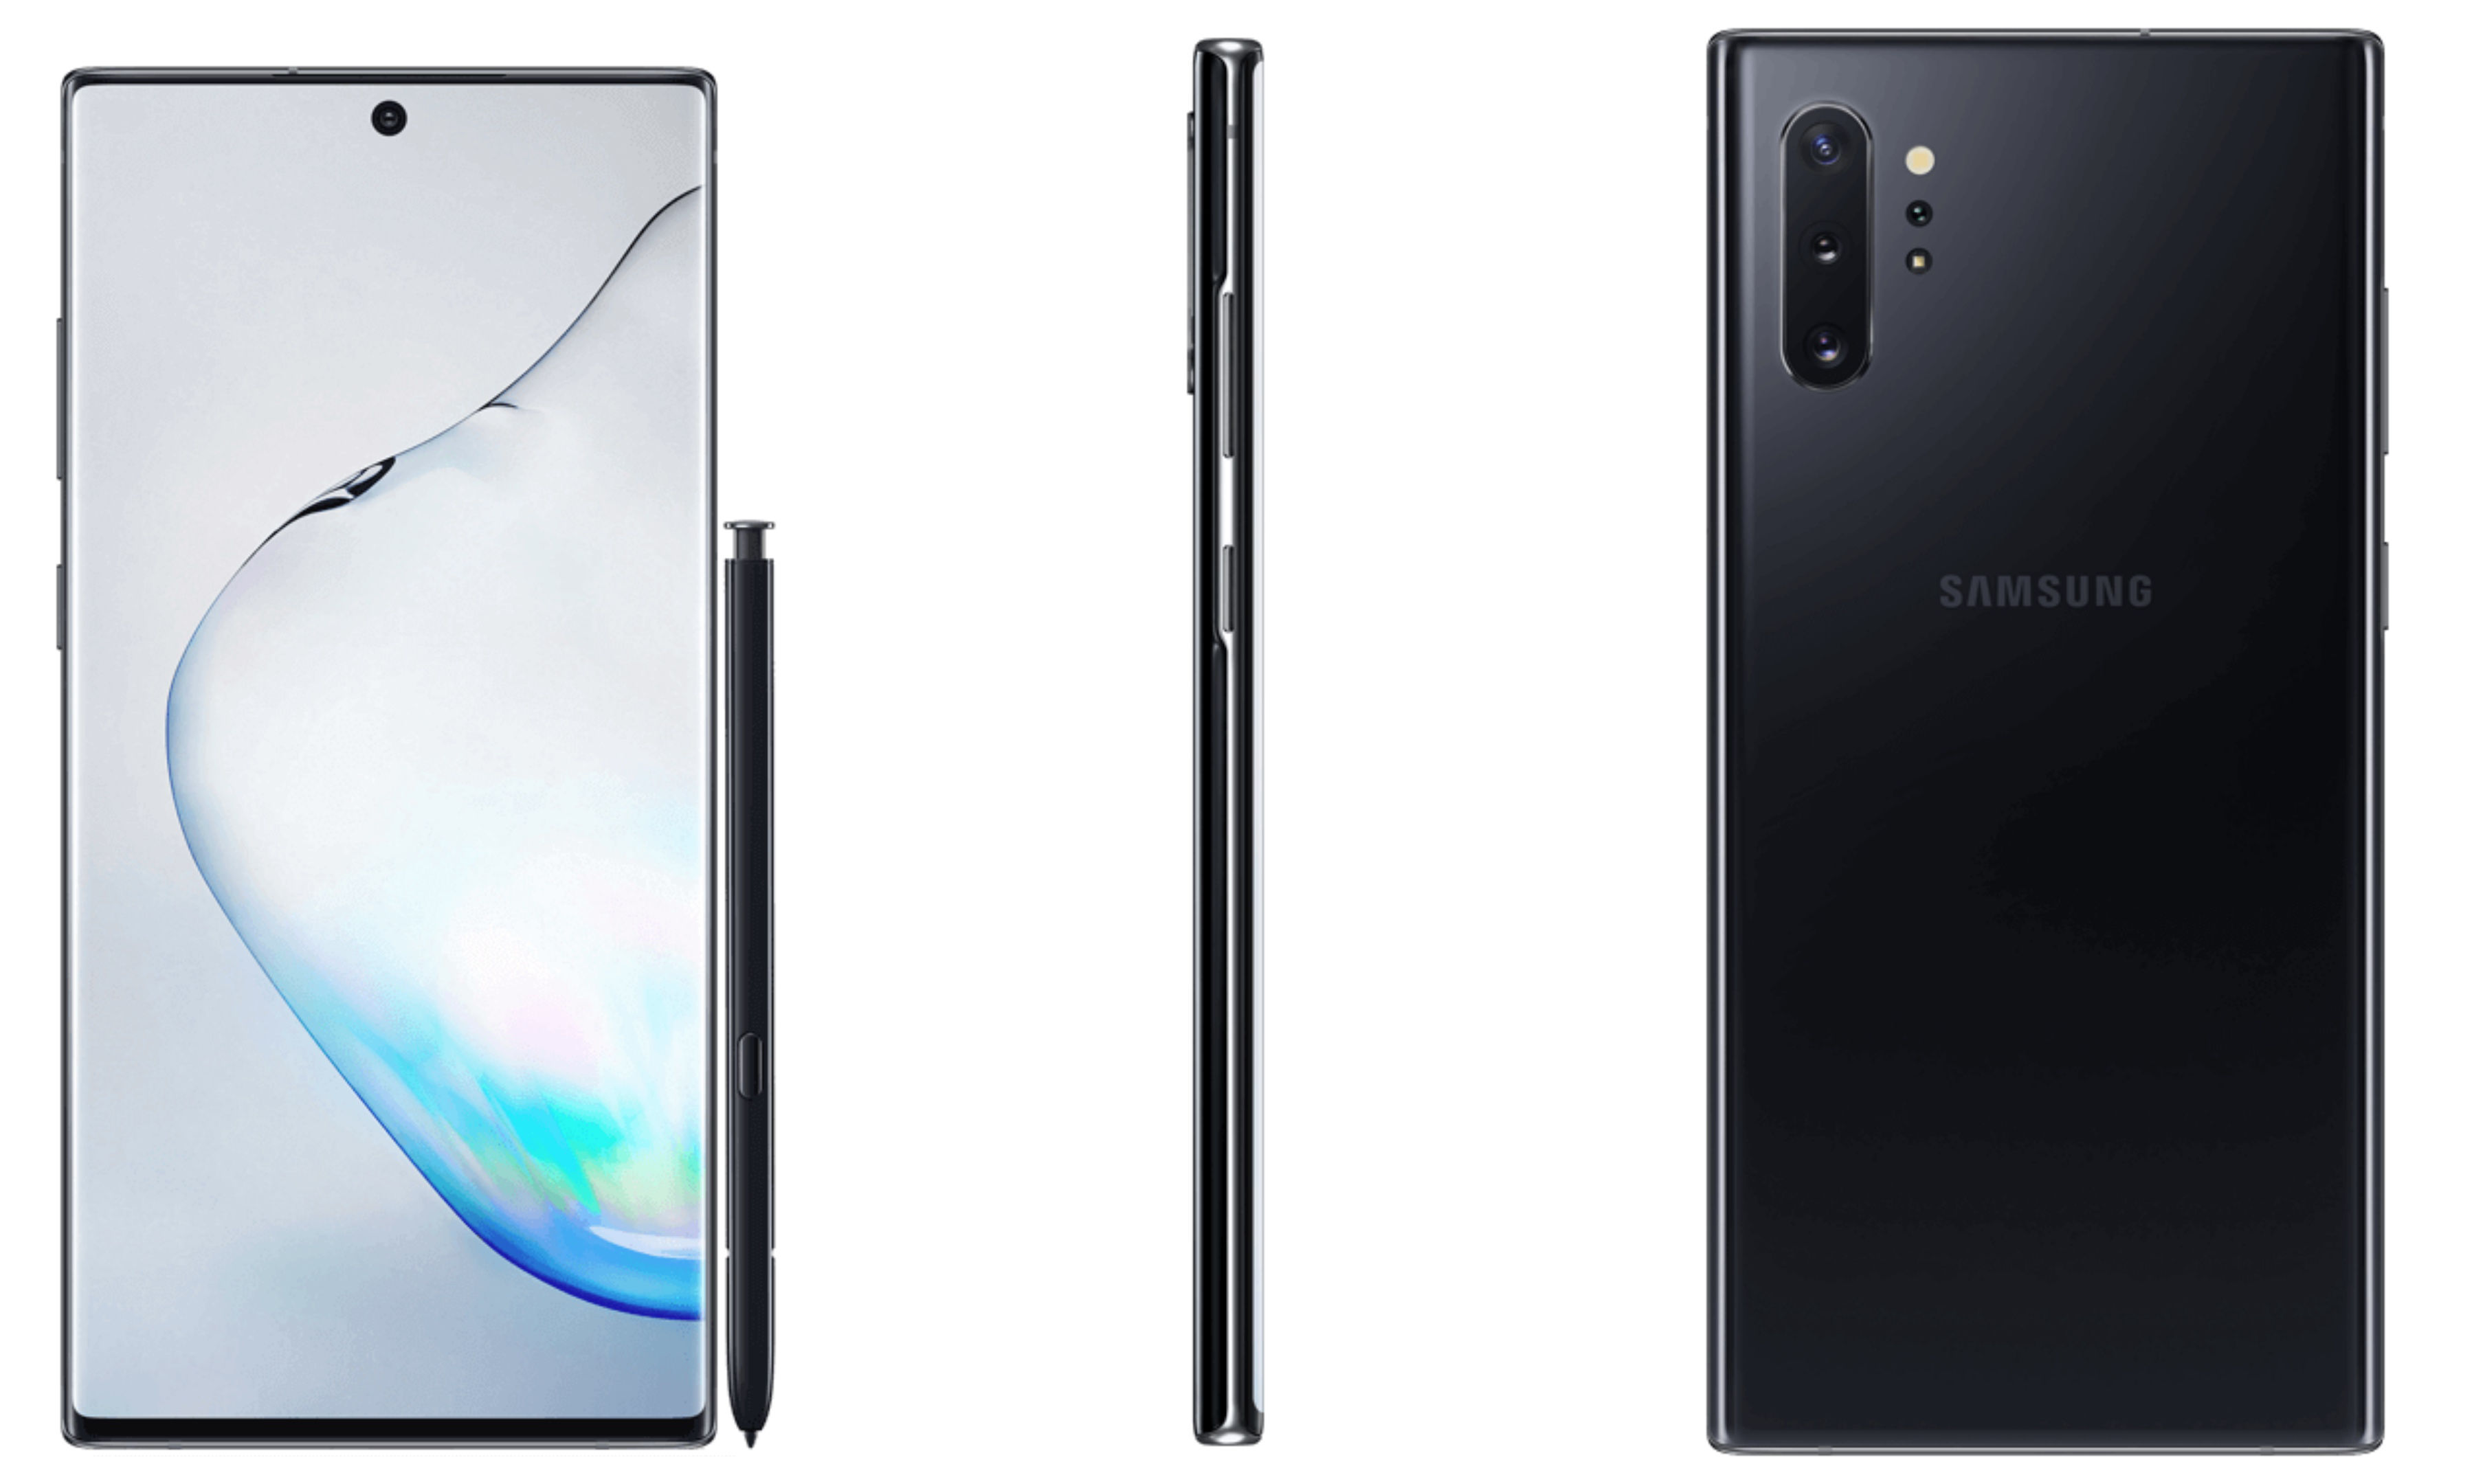 Yuk Kupas Spesifikasi Galaxy Note 10 dan Galaxy Note 10 Plus!